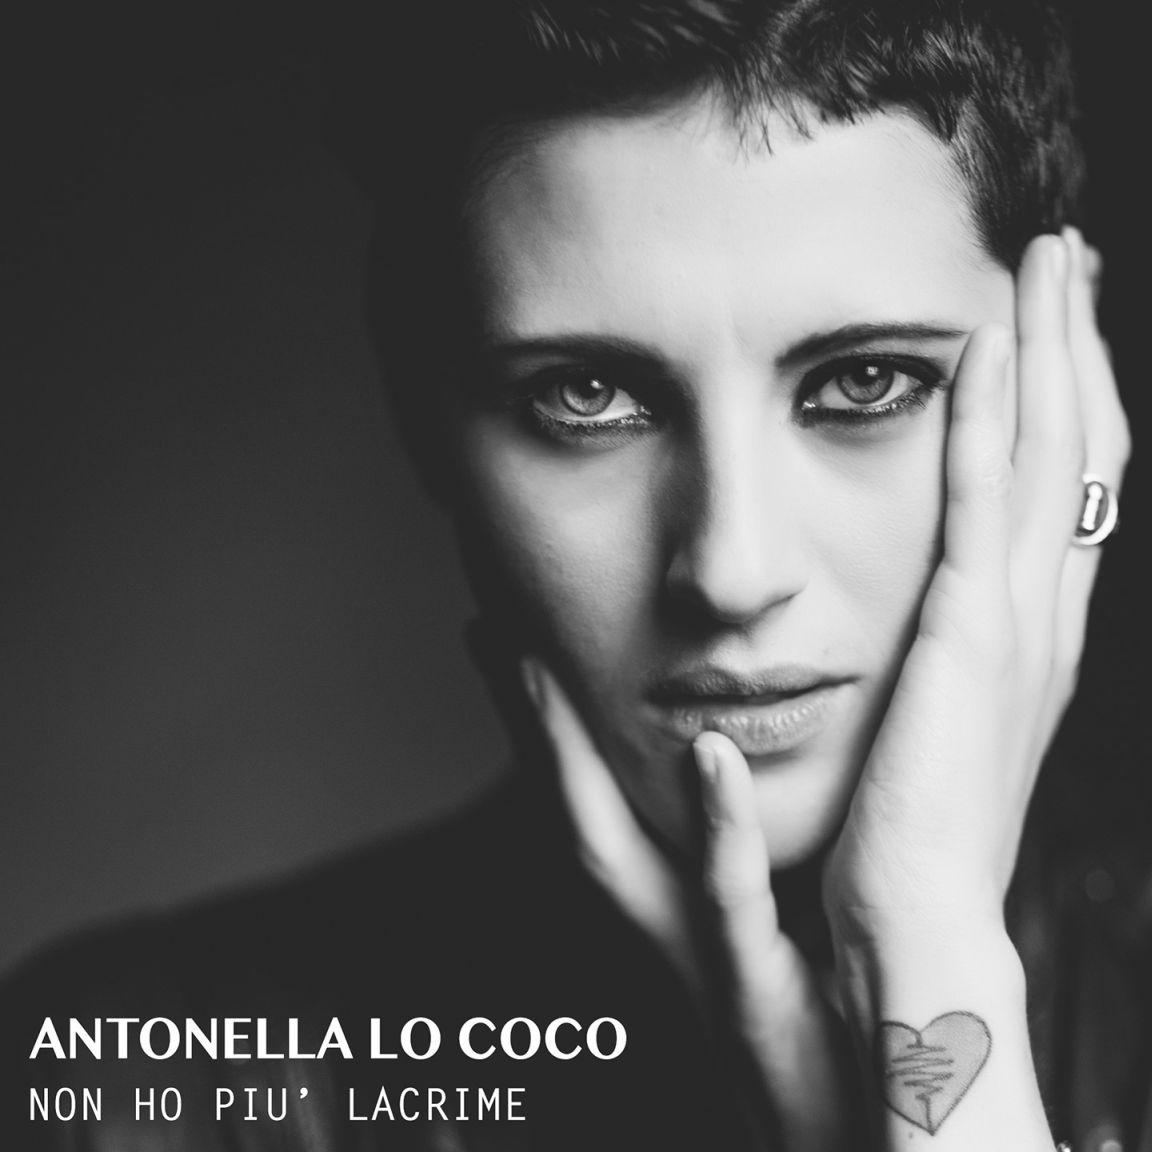 """""""Non ho più lacrime"""" è il nuovo singolo di Antonella Lo Coco!"""